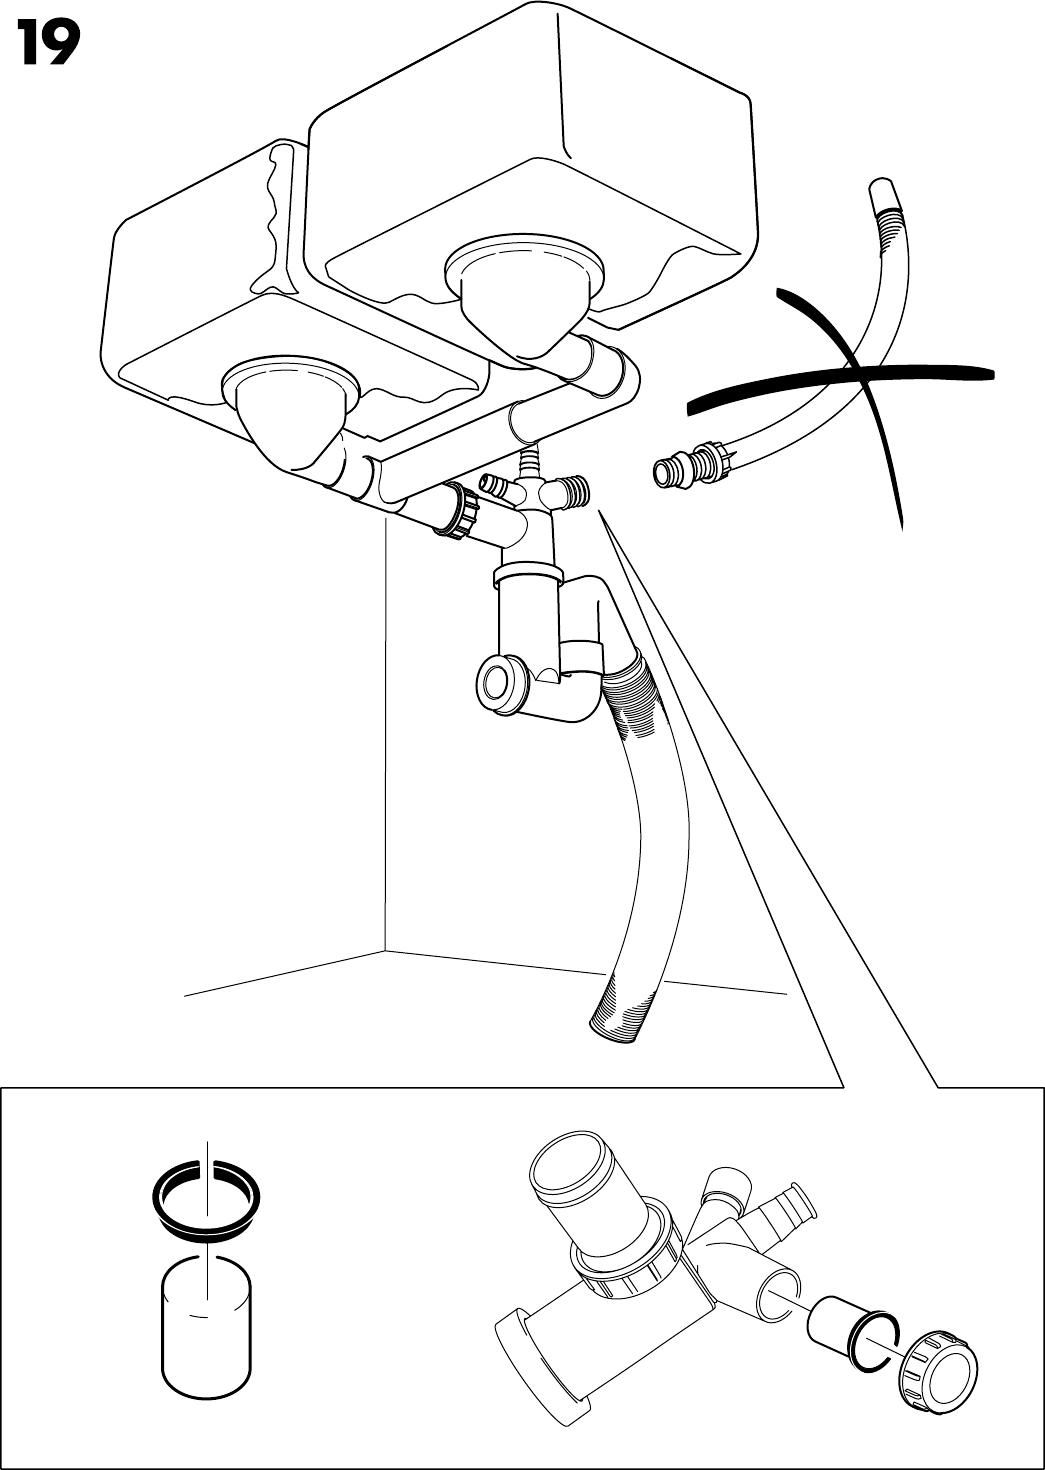 Ikea sifon handleiding – In stap met de tijd # Wasbak Sifon_013403